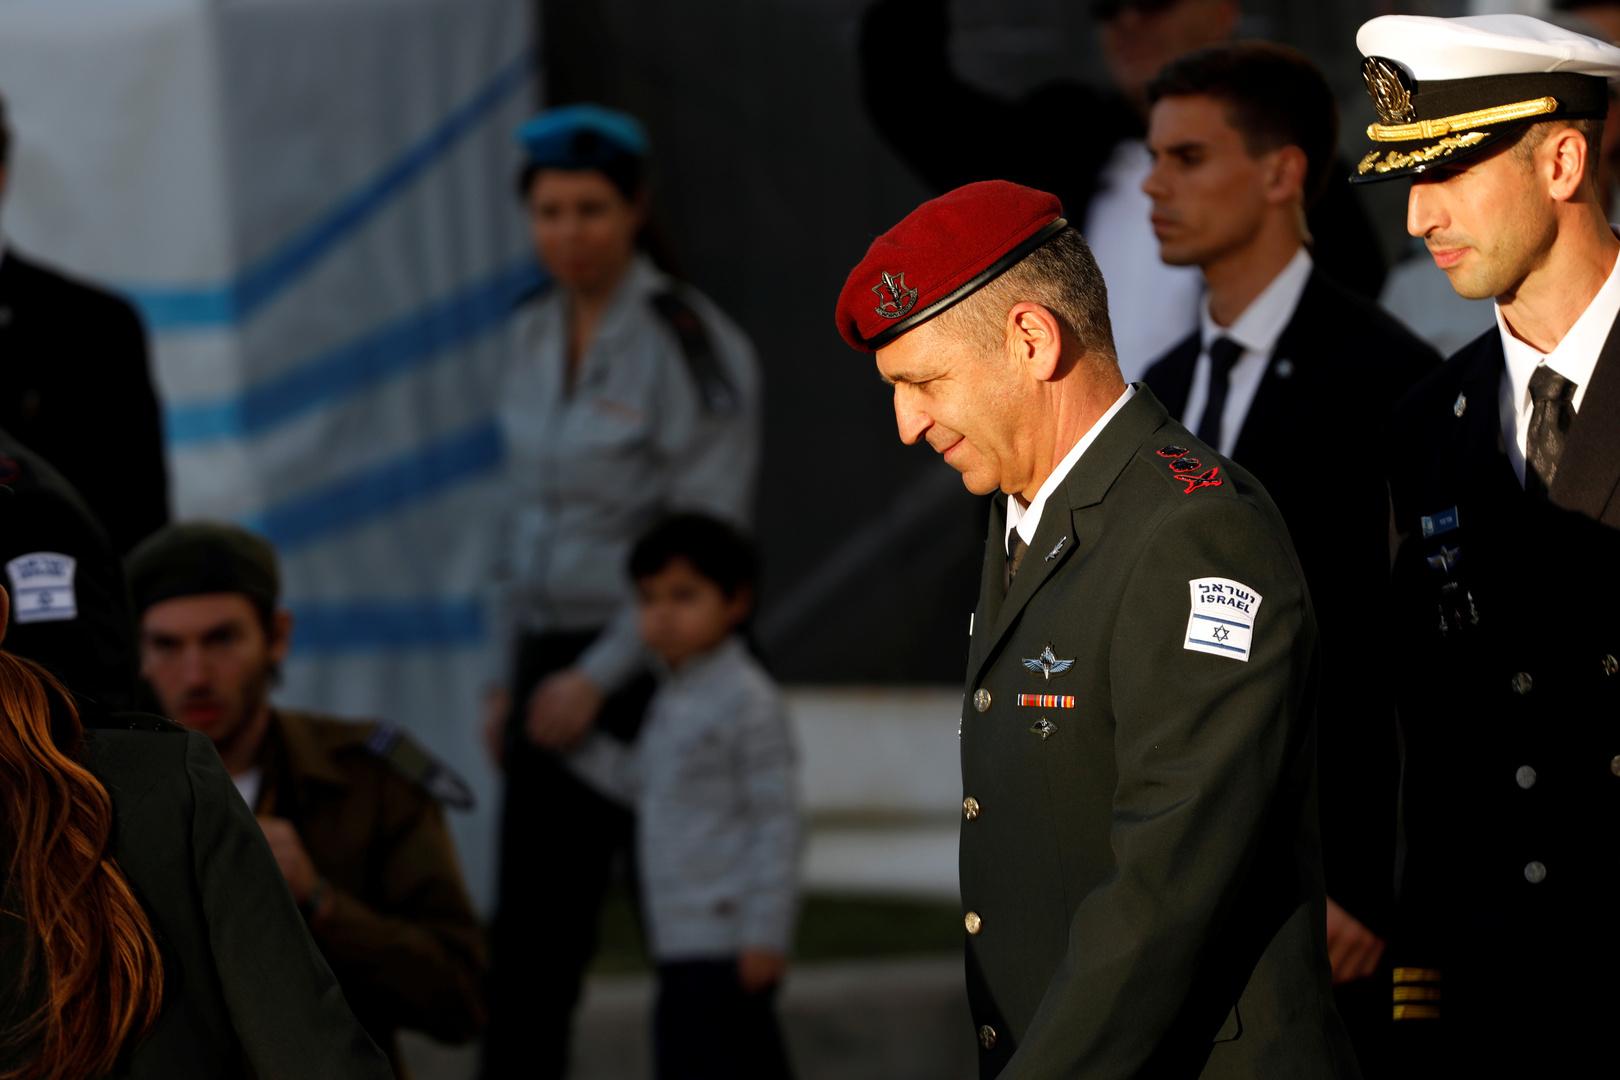 الجيش الإسرائيلي: خطأ لطاقم جوي كاد أن يكلف قائد الأركان حياته